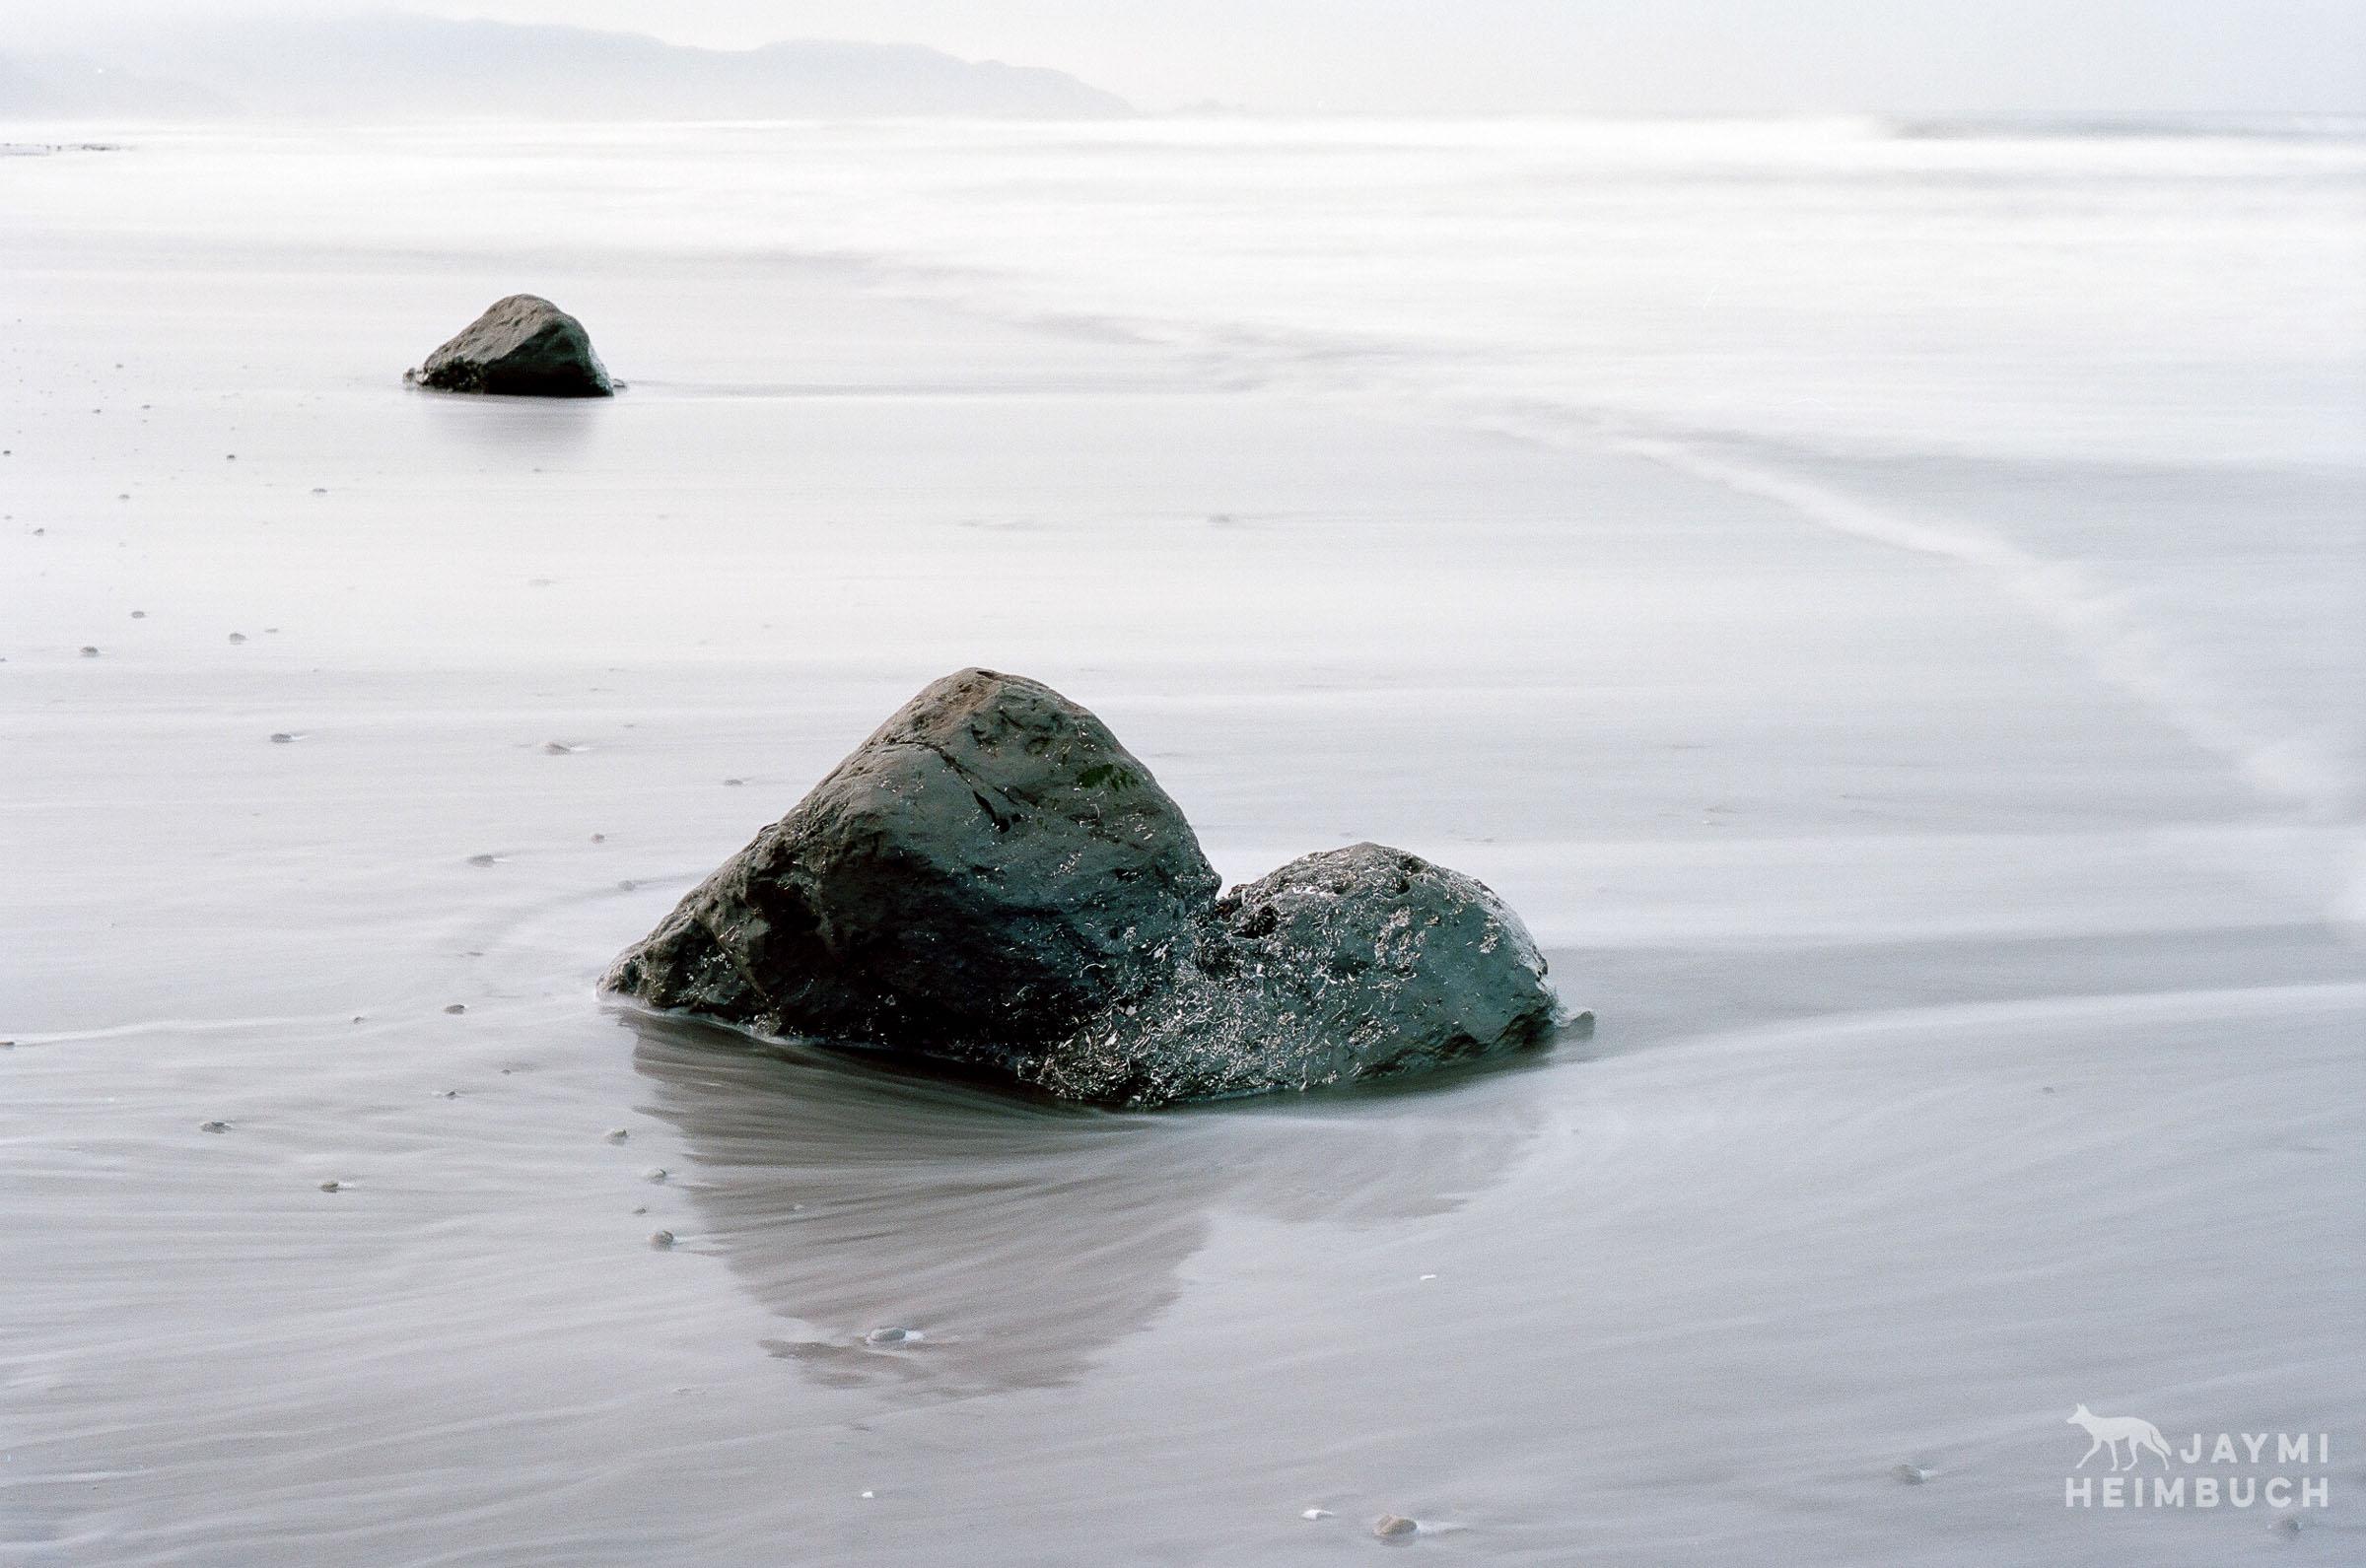 35mm film landscape photograph